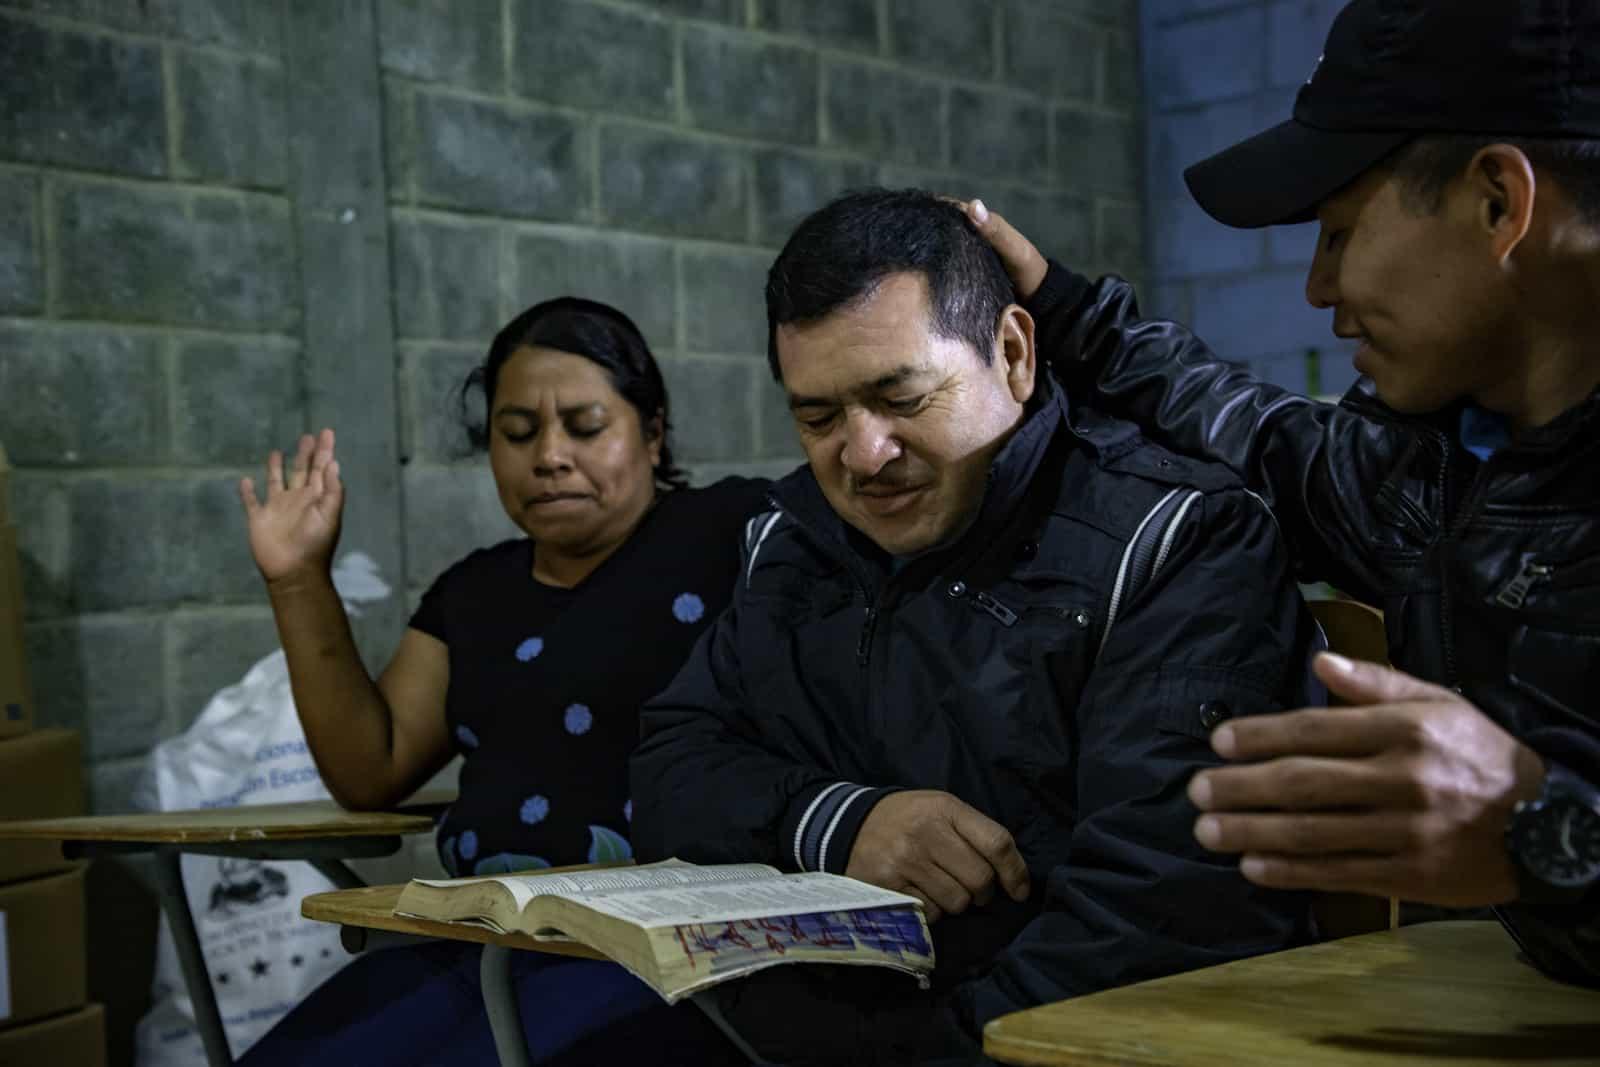 Three people sit together, praying.